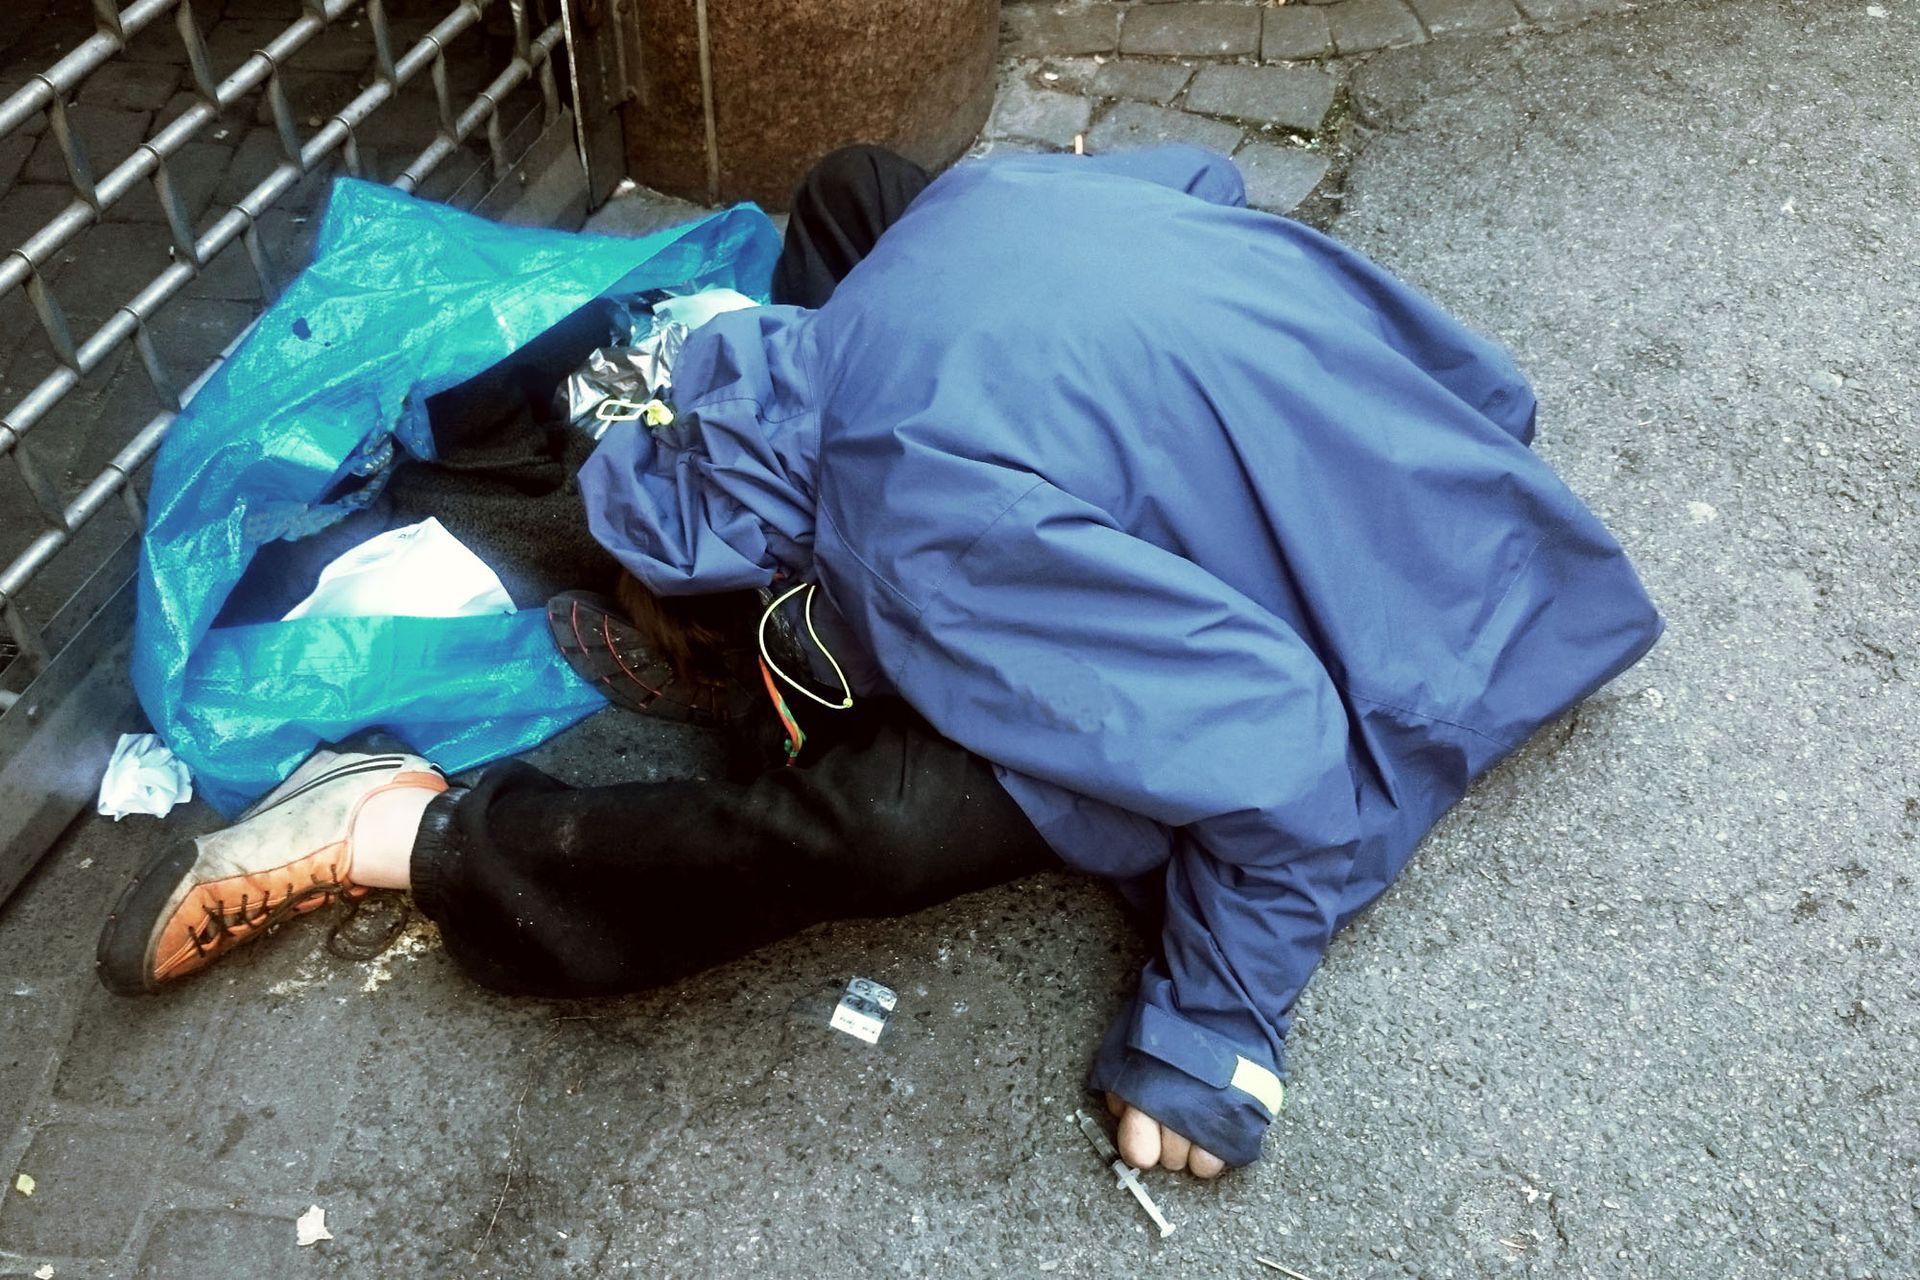 El consumo de heroína en Oslo es más alto que el de otras ciudades europeas